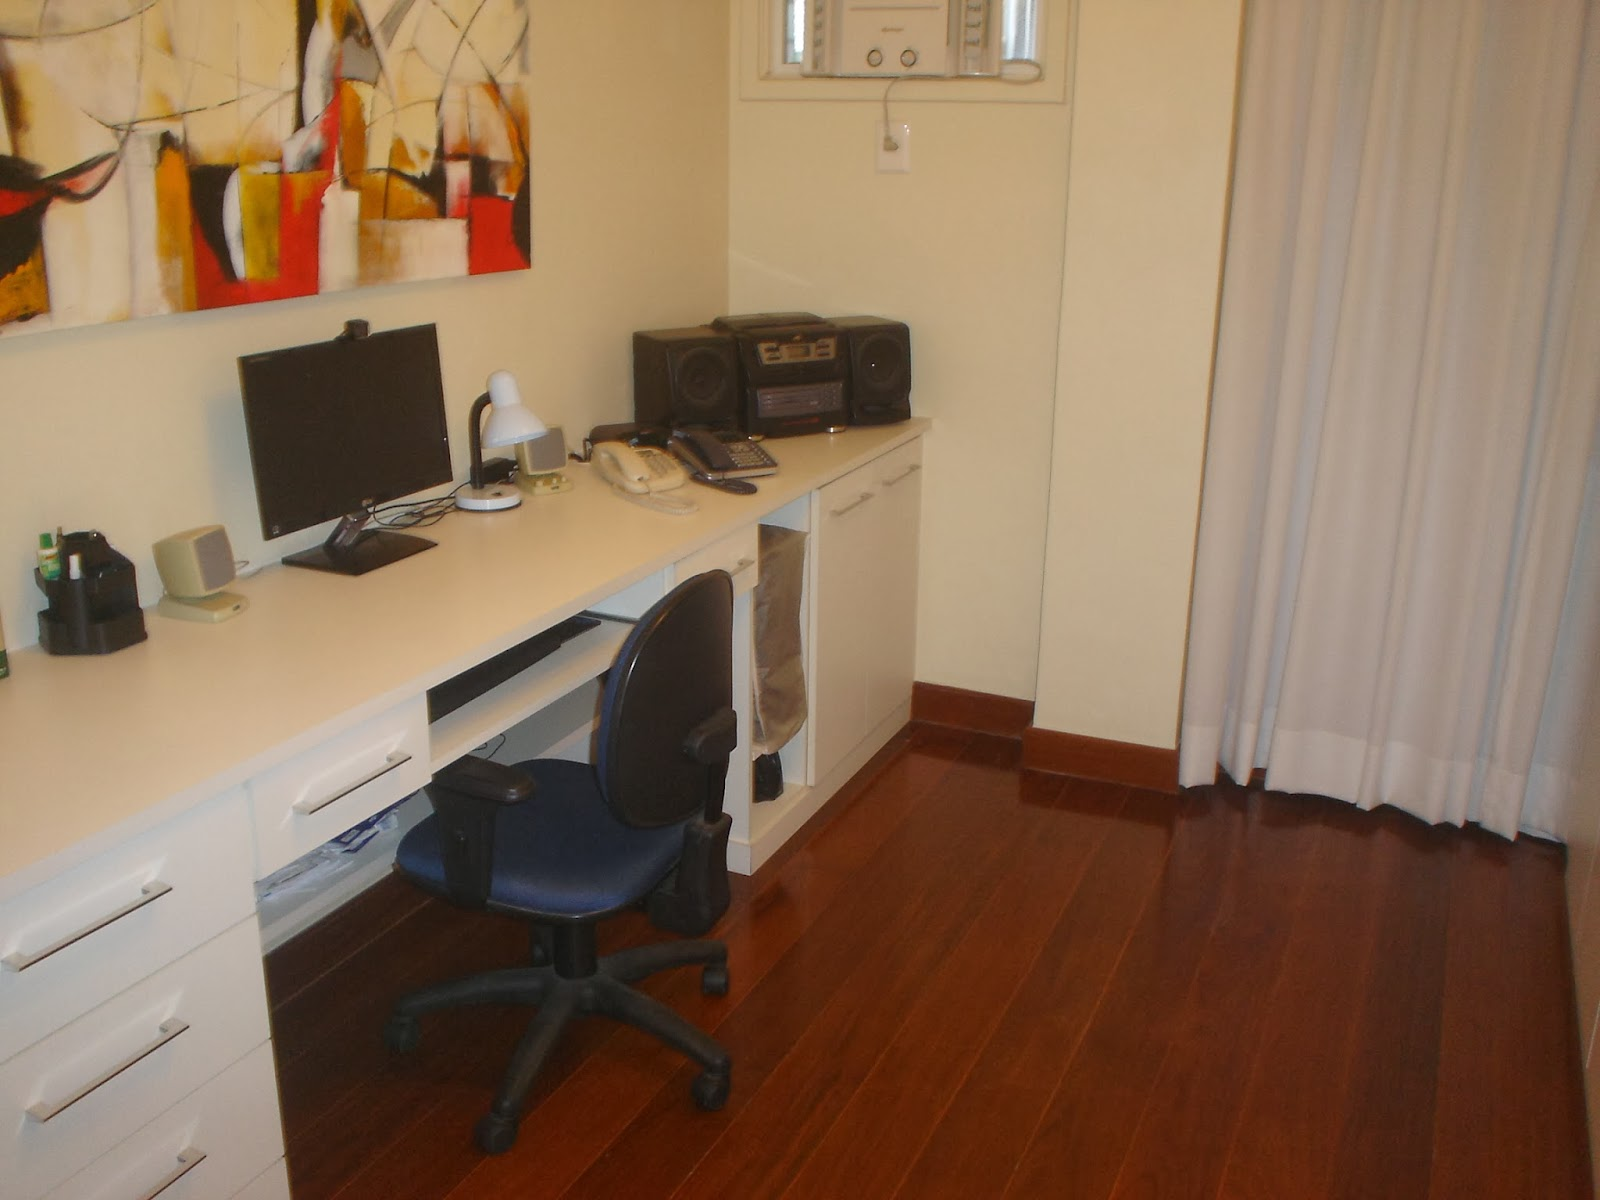 Imagens de #B82B0D 2º QUARTO HOME OFFICE com ampla bancada de escritório de 2 9 metros  1600x1200 px 2762 Box Banheiro Nucleo Bandeirante